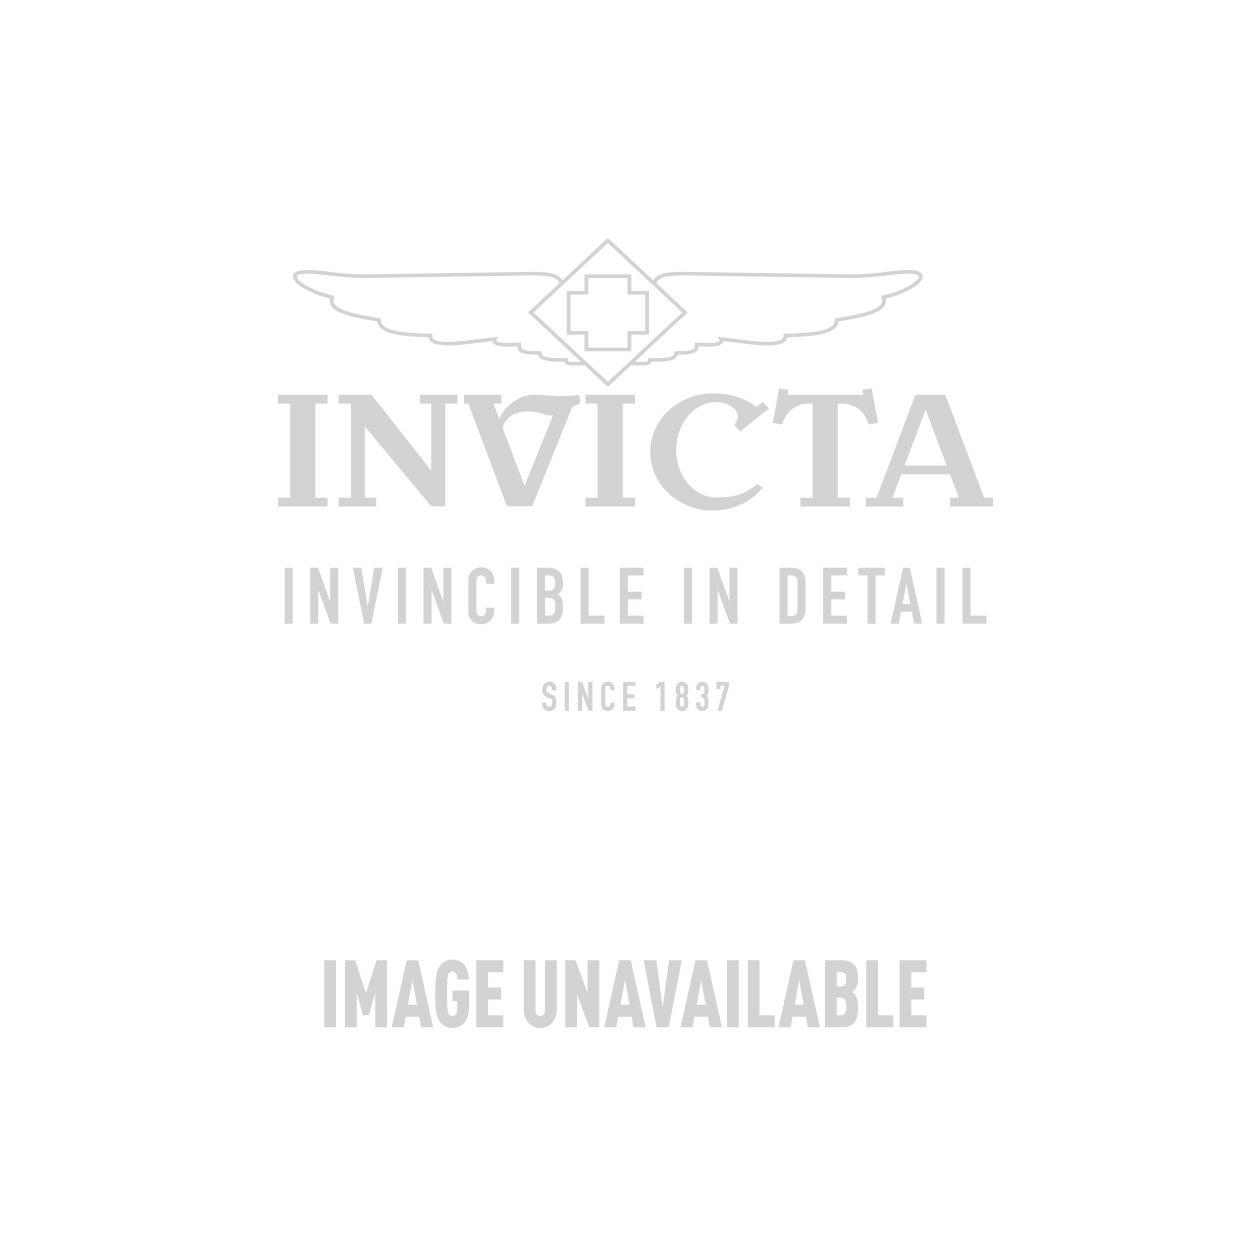 Invicta Model 29398